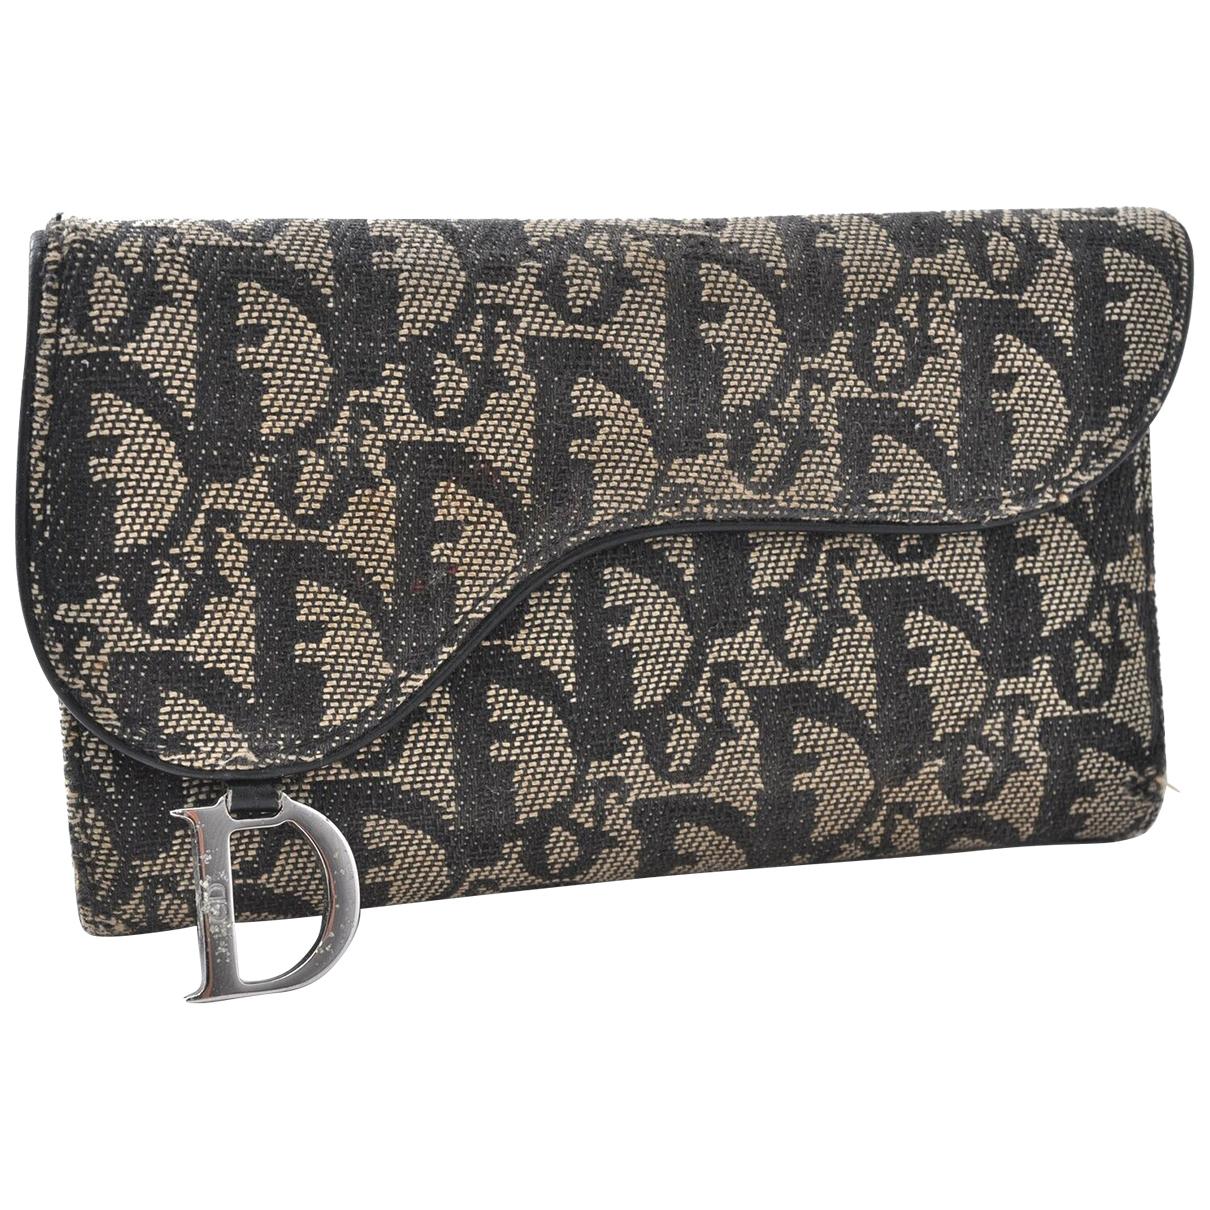 Dior \N Portemonnaie in  Schwarz Leinen